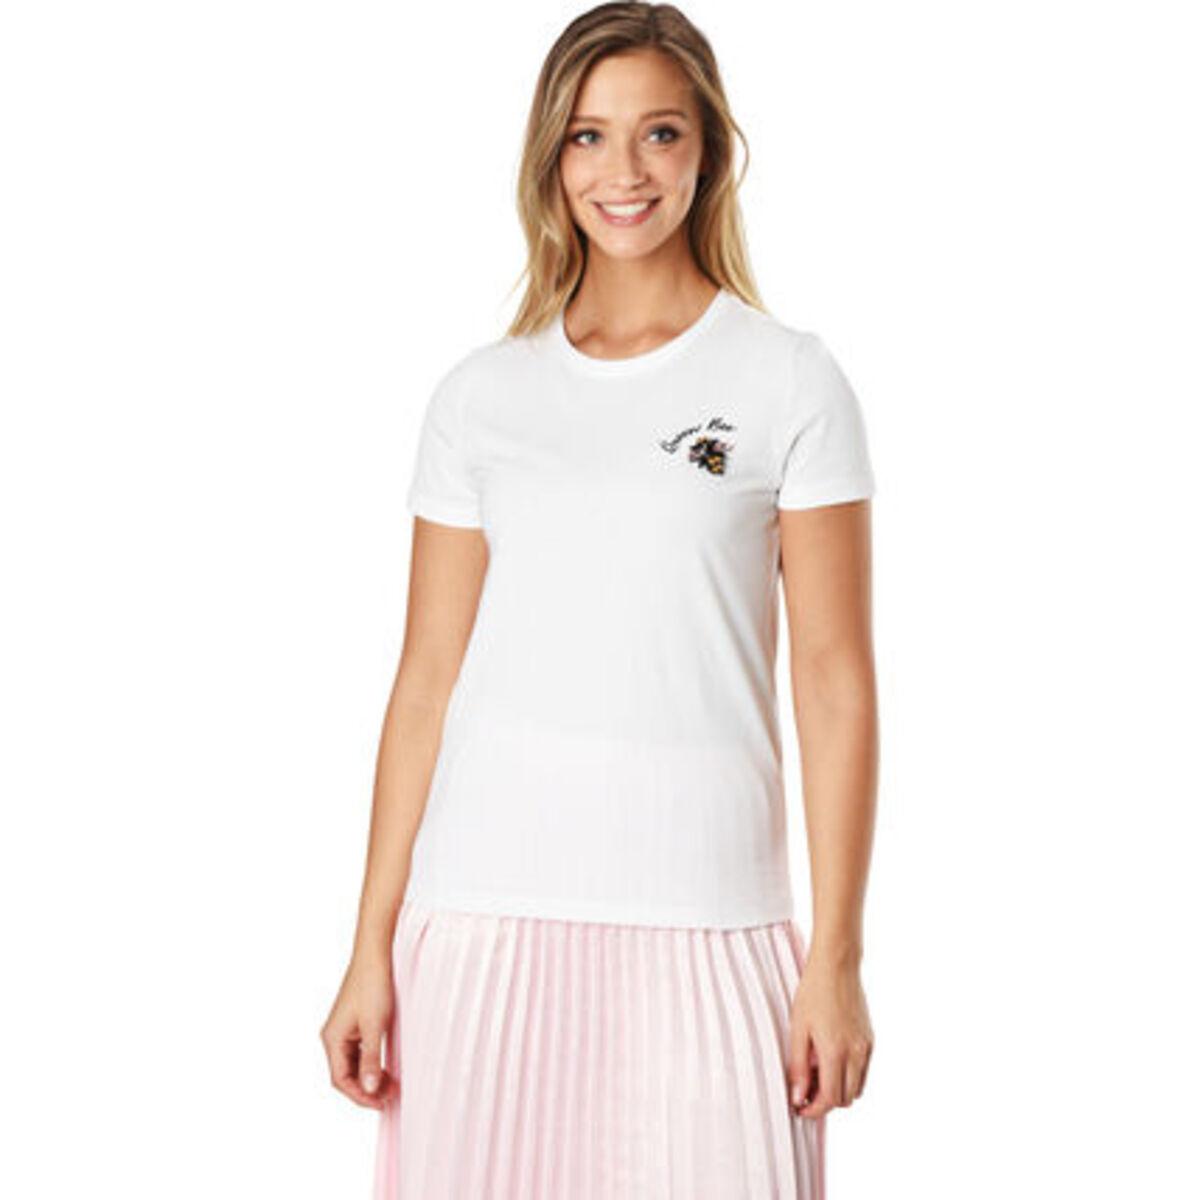 Bild 1 von Only T-Shirt, Rundhals, für Damen